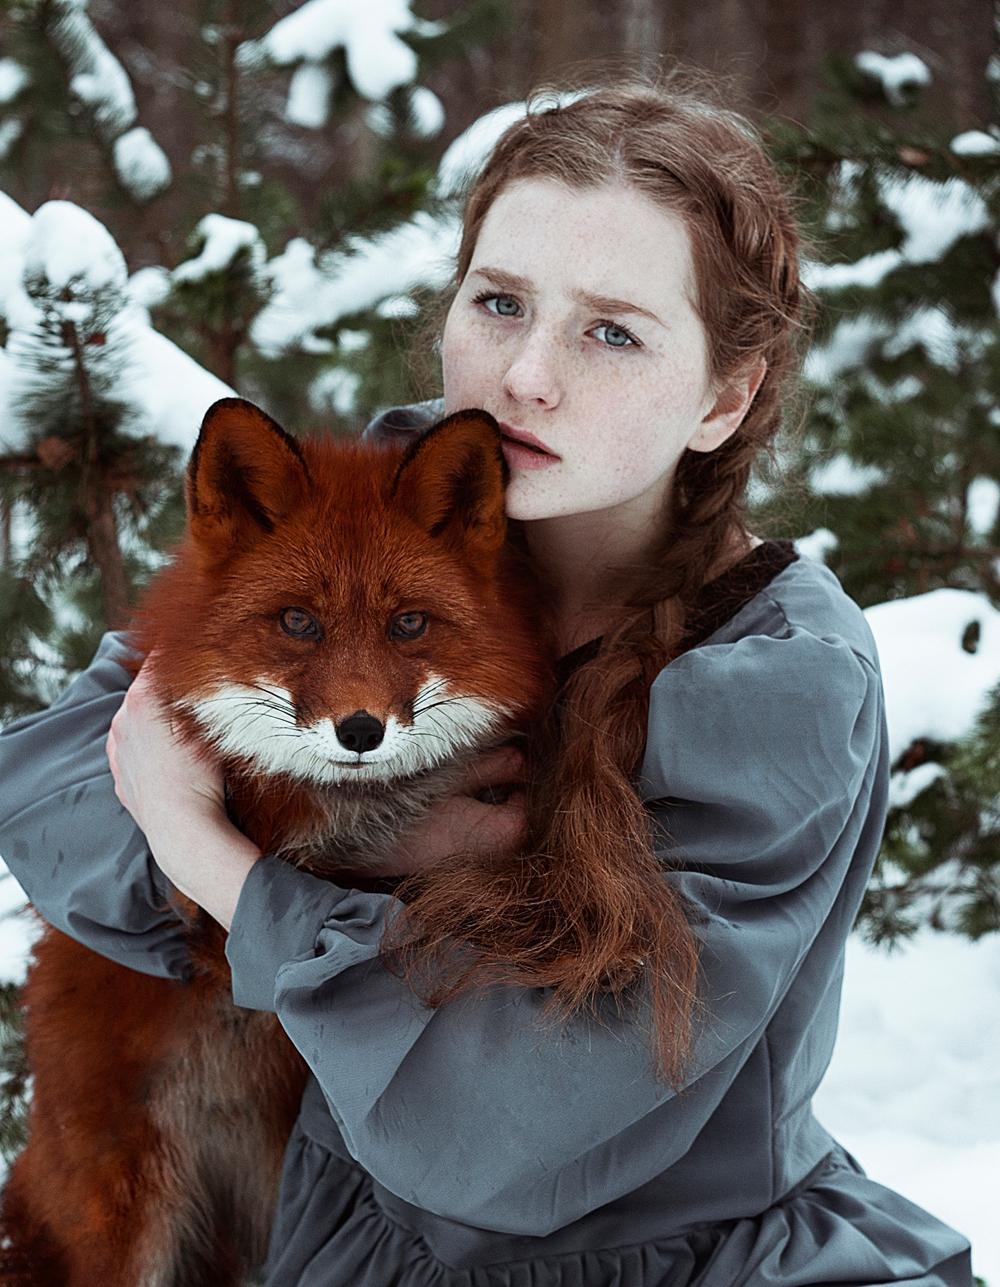 alexandra-bochkareva-fairytale-portraits-of-redheads_0010